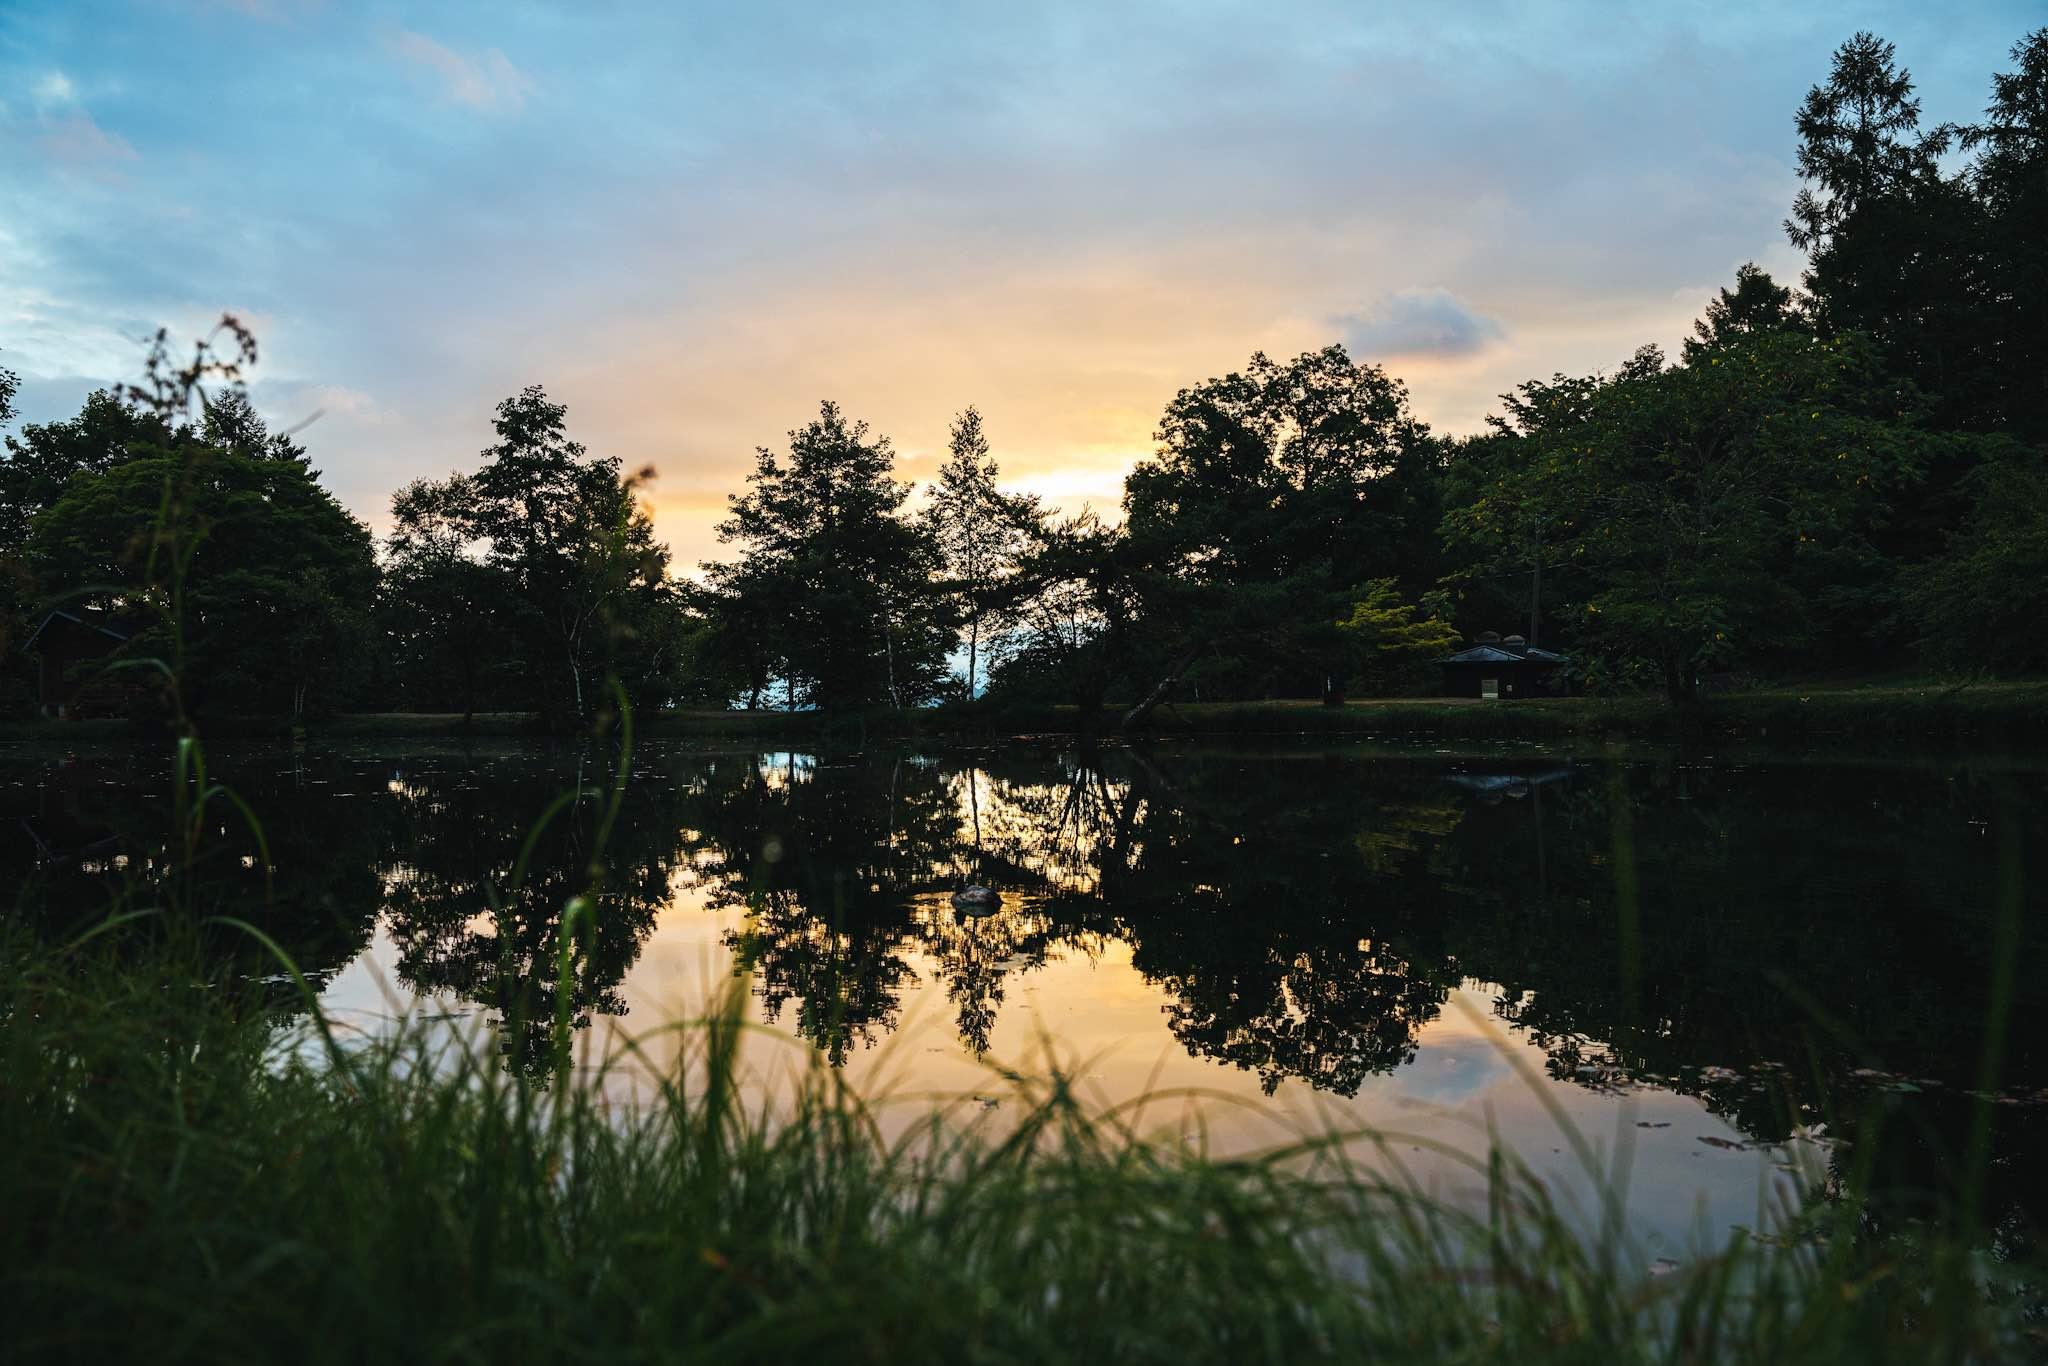 駒出池キャンプ場で念願の初キャンプ!|高原の早朝に最高のコーヒー